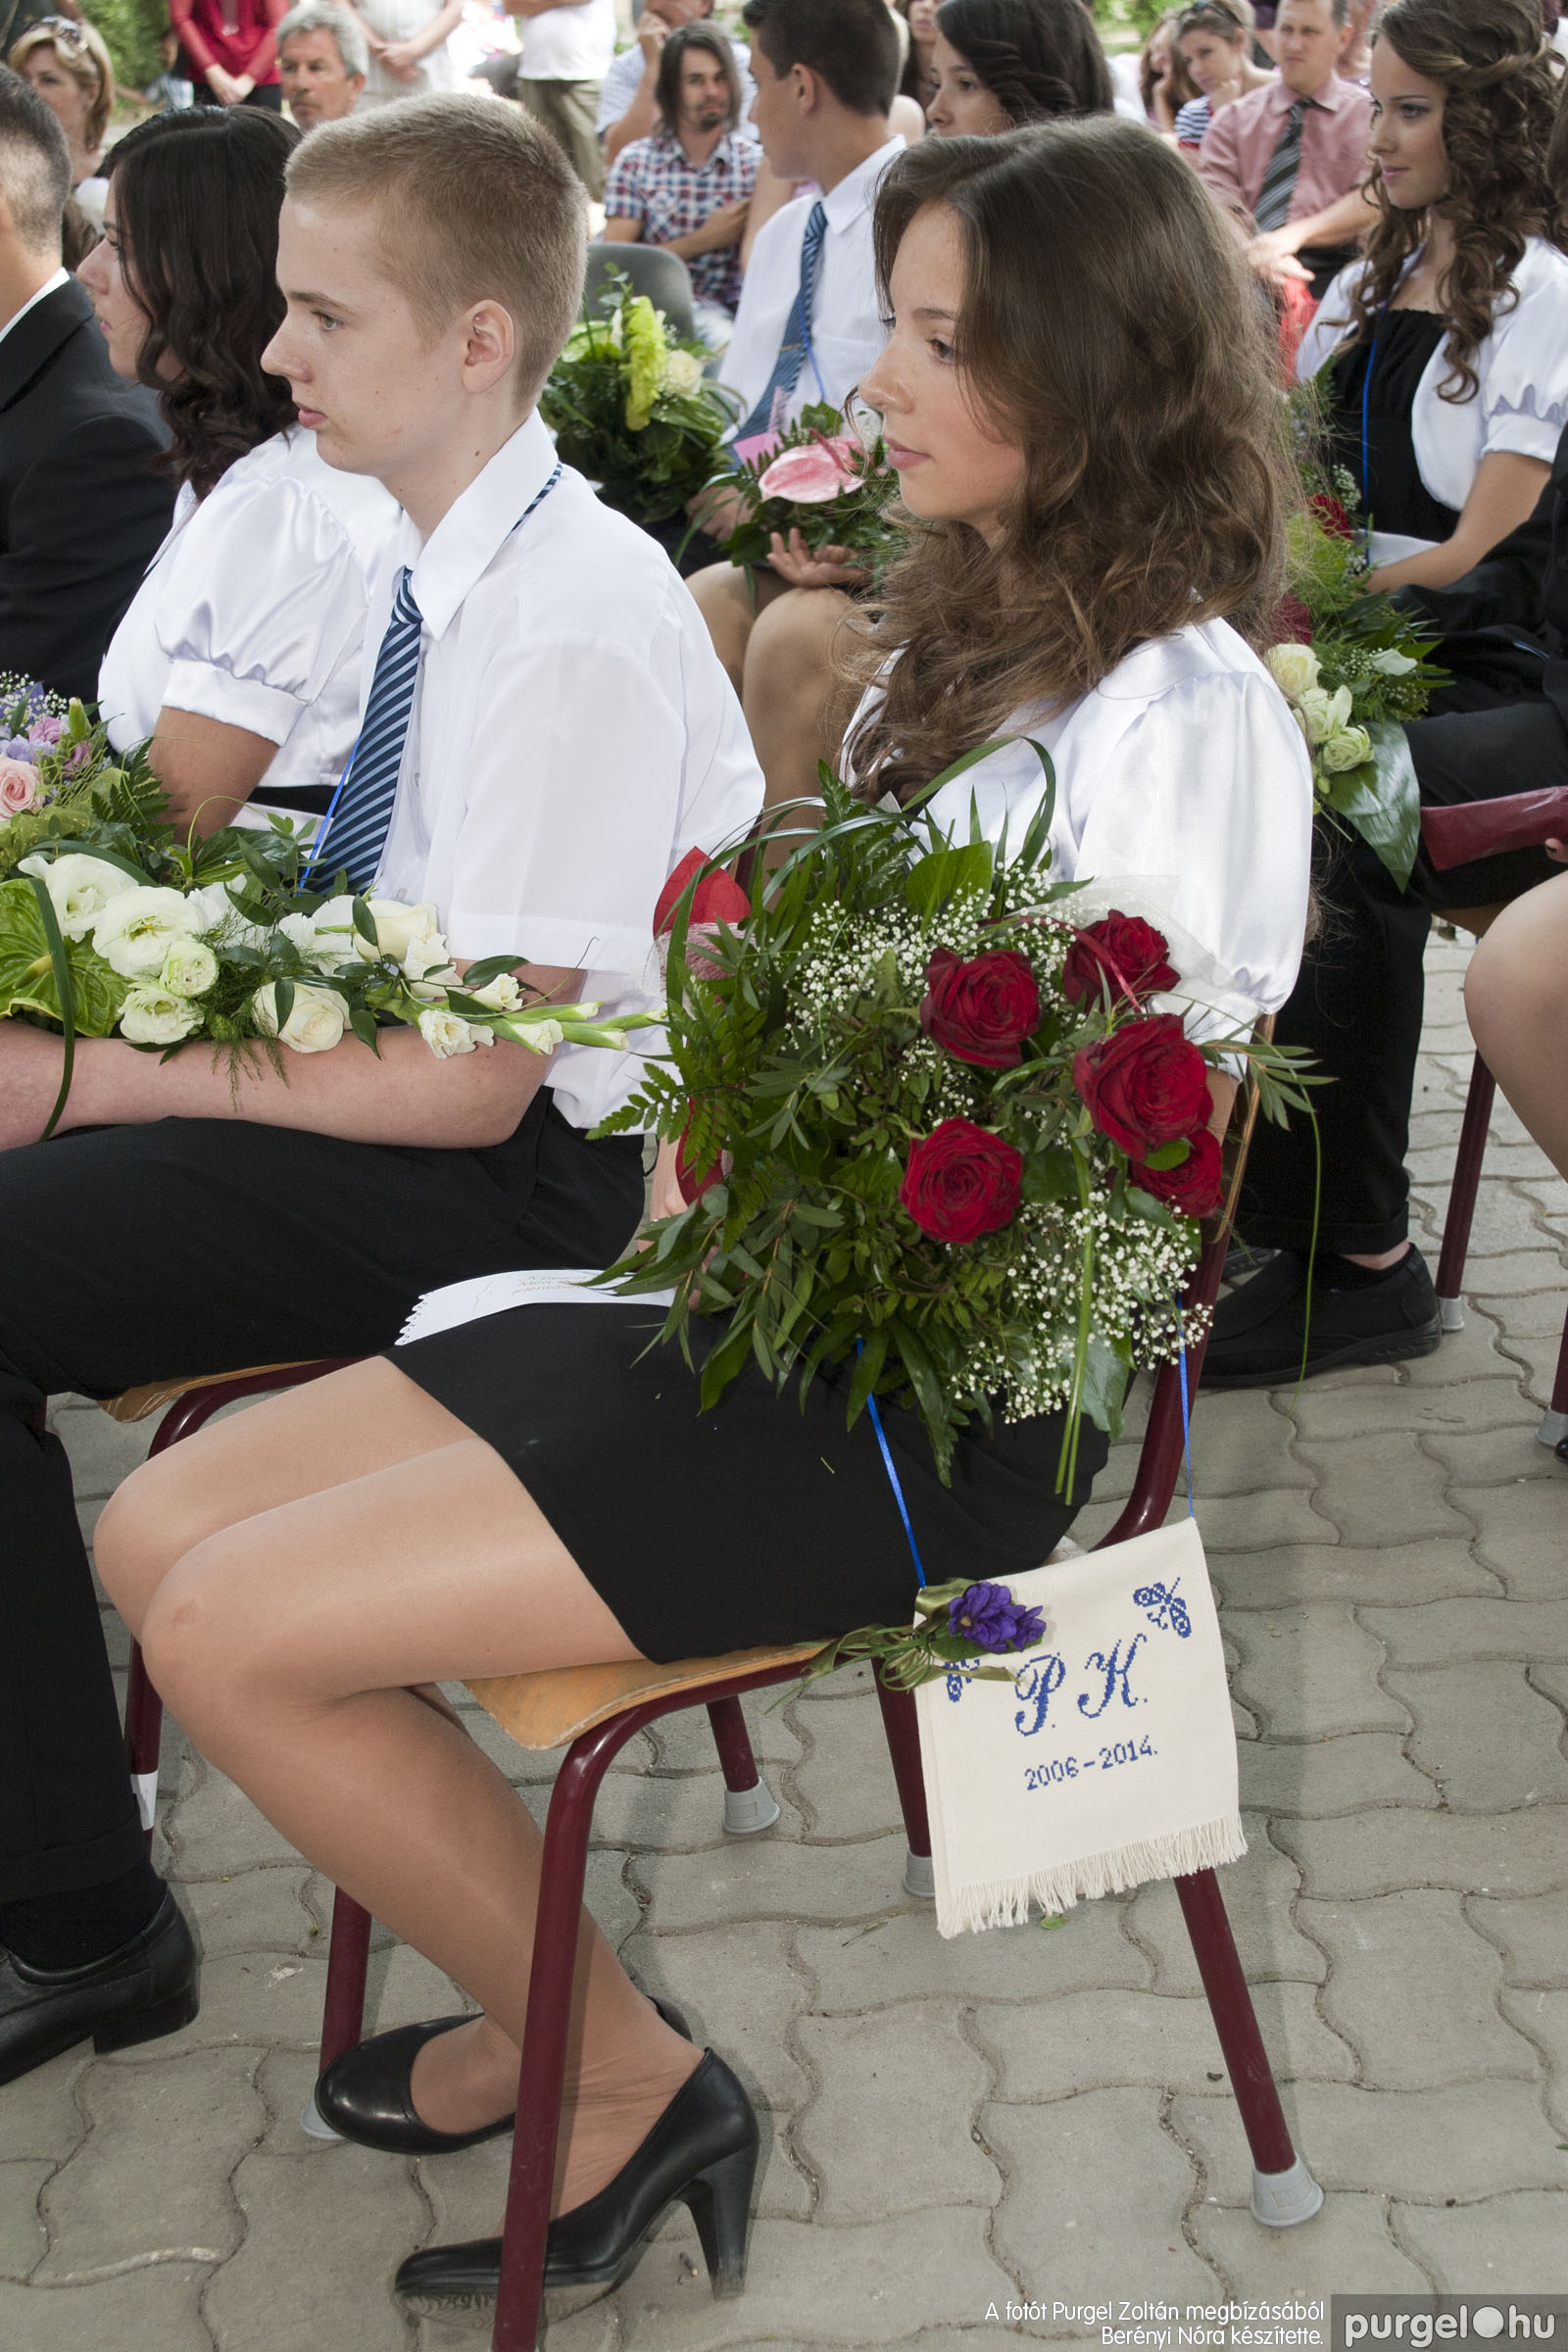 2014.06.14. 237 Forray Máté Általános Iskola ballagás 2014. - Fotó:BERÉNYI NÓRA© _MG_5897.jpg